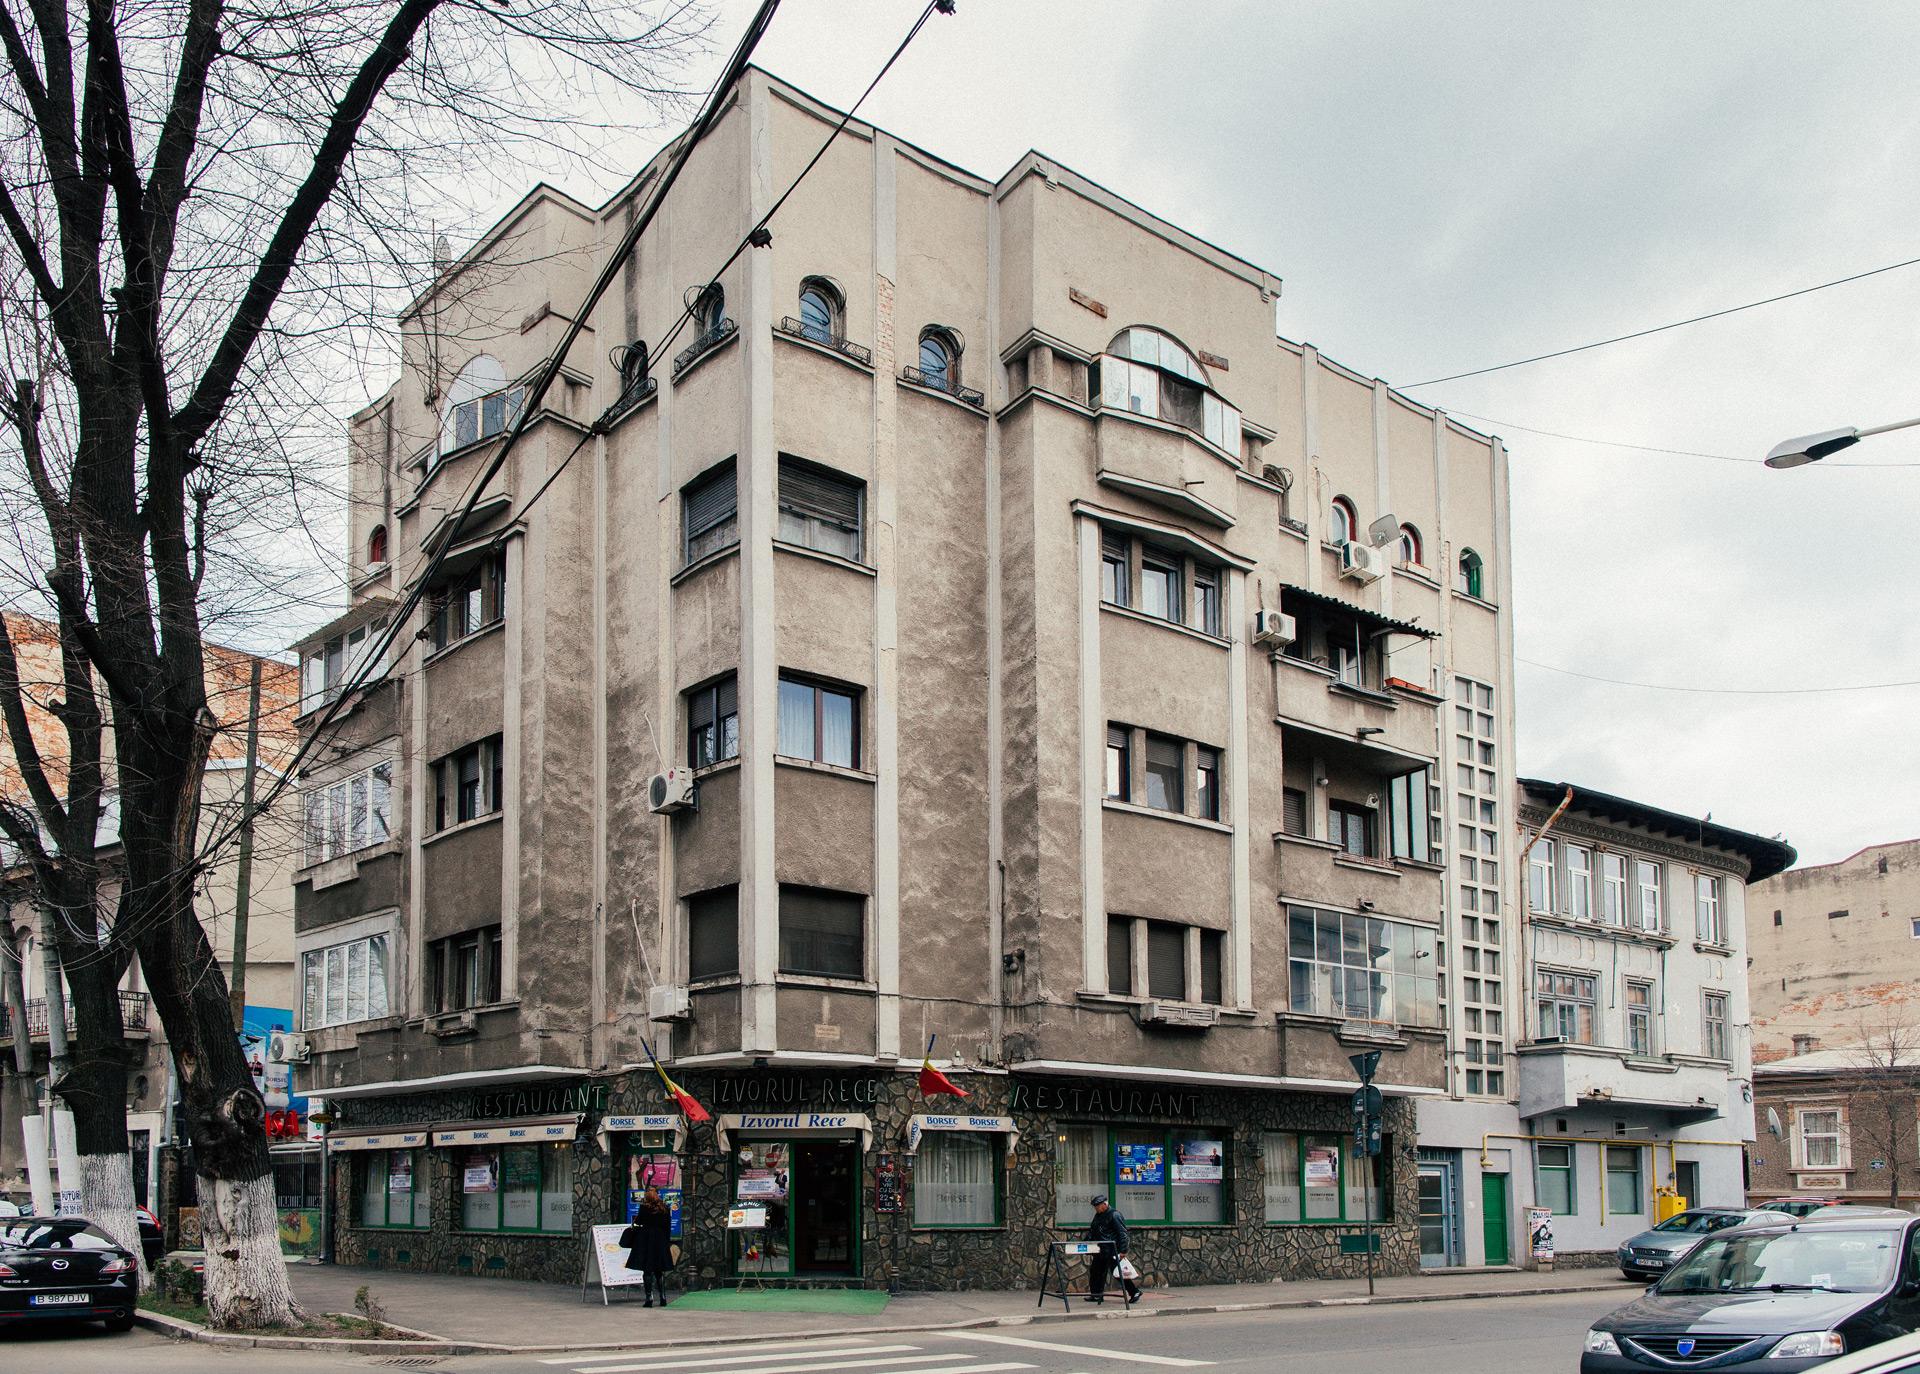 Piața Pache Protopopescu 11